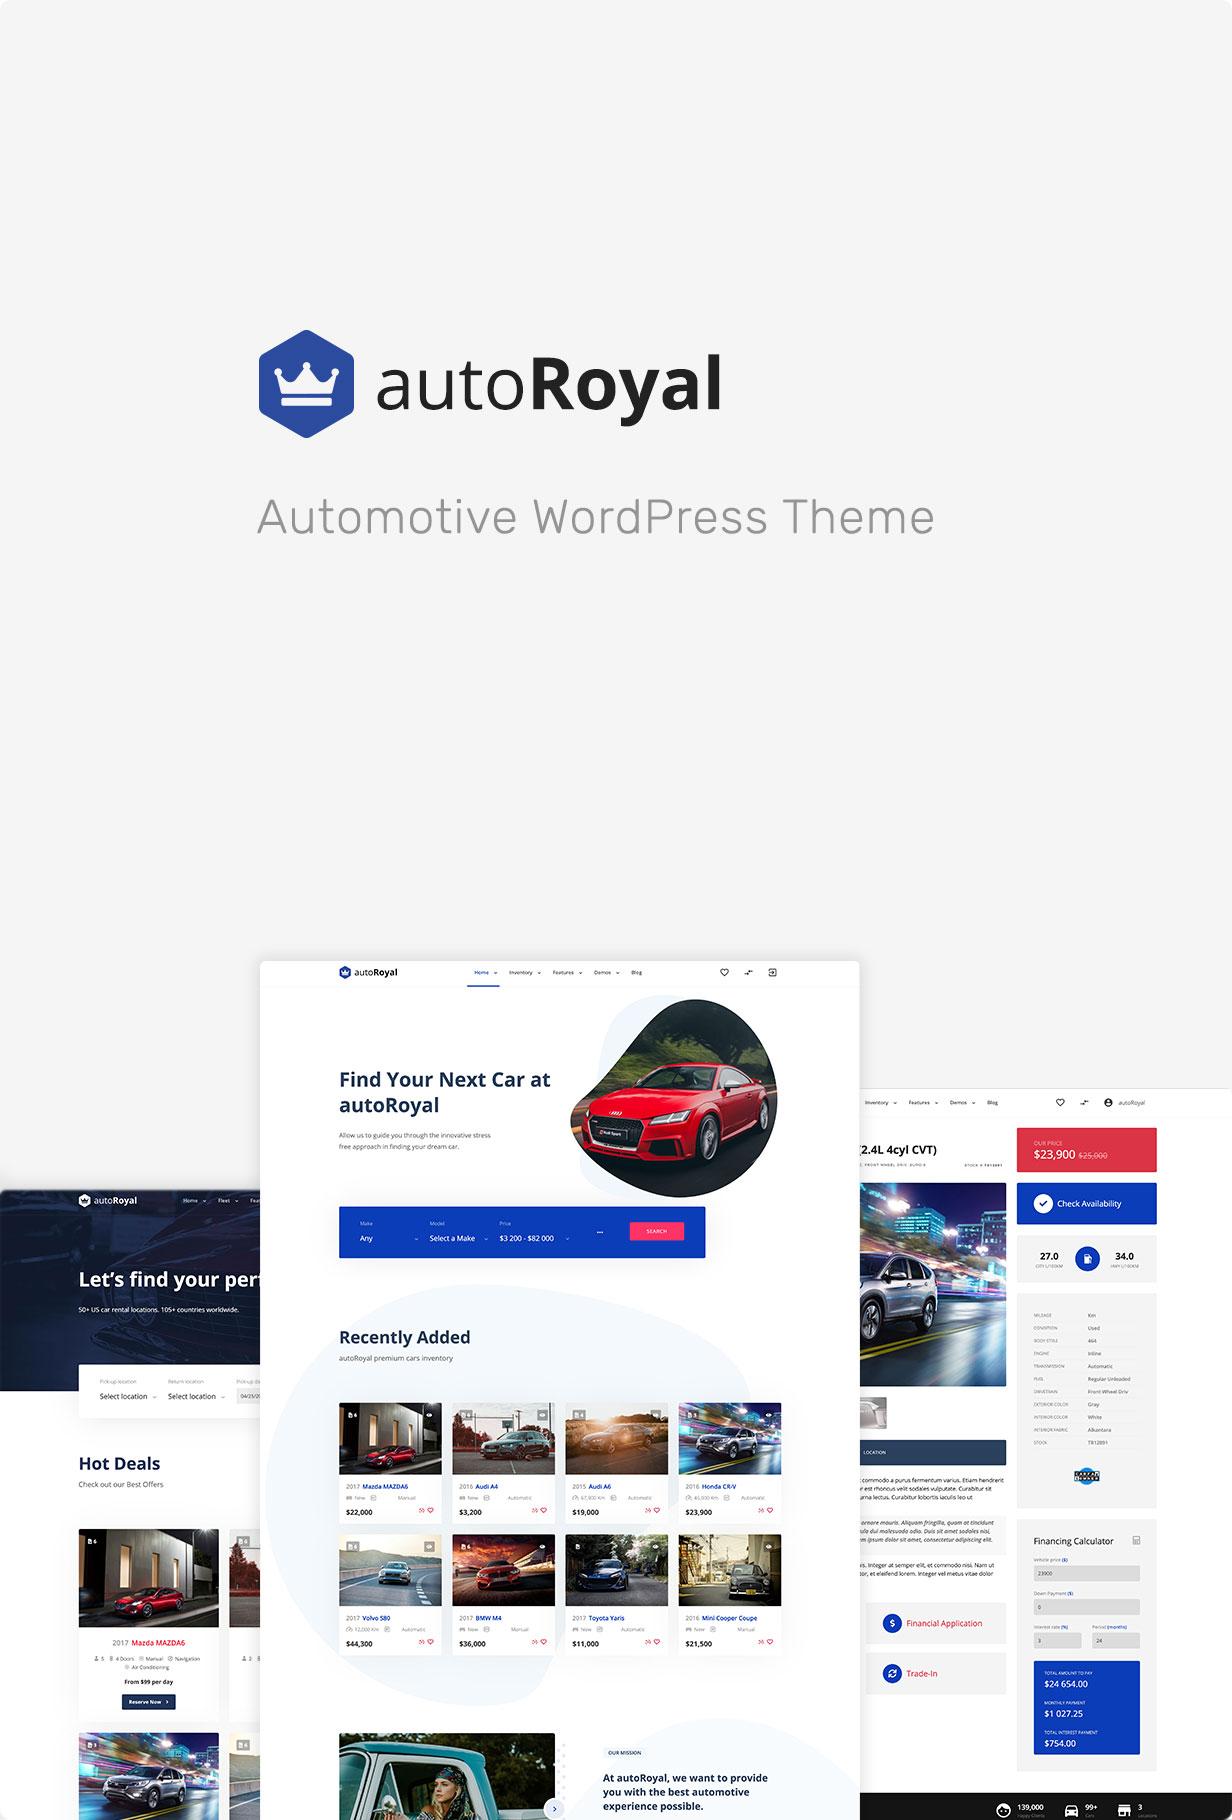 autoRoyal - Automotive WordPress Layout - 4